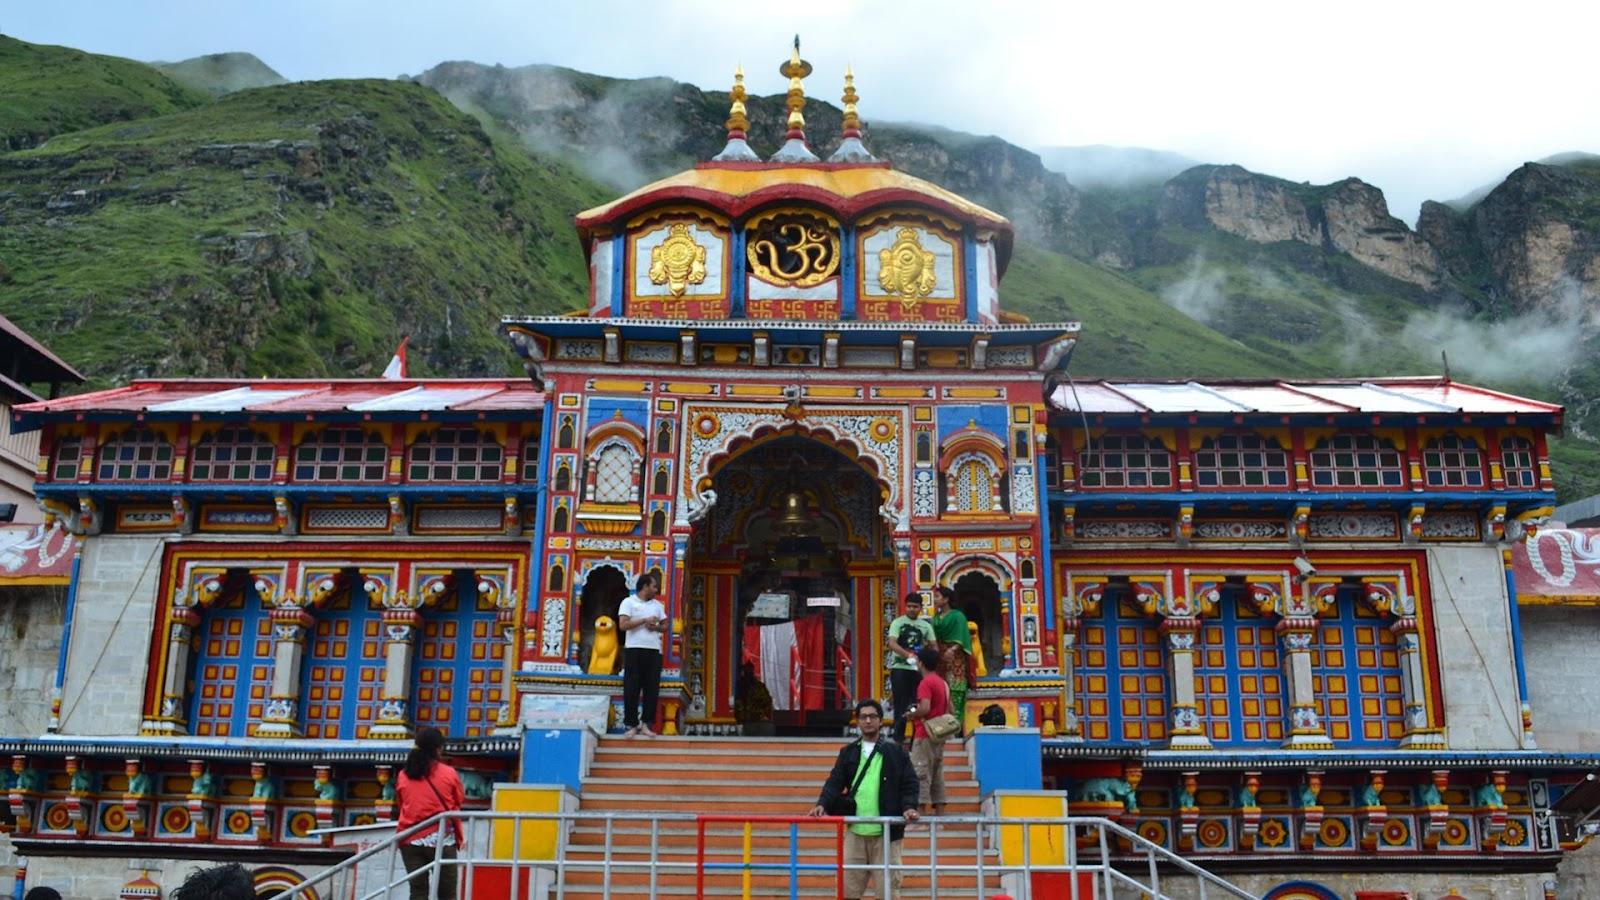 Things to do in Uttarakhand